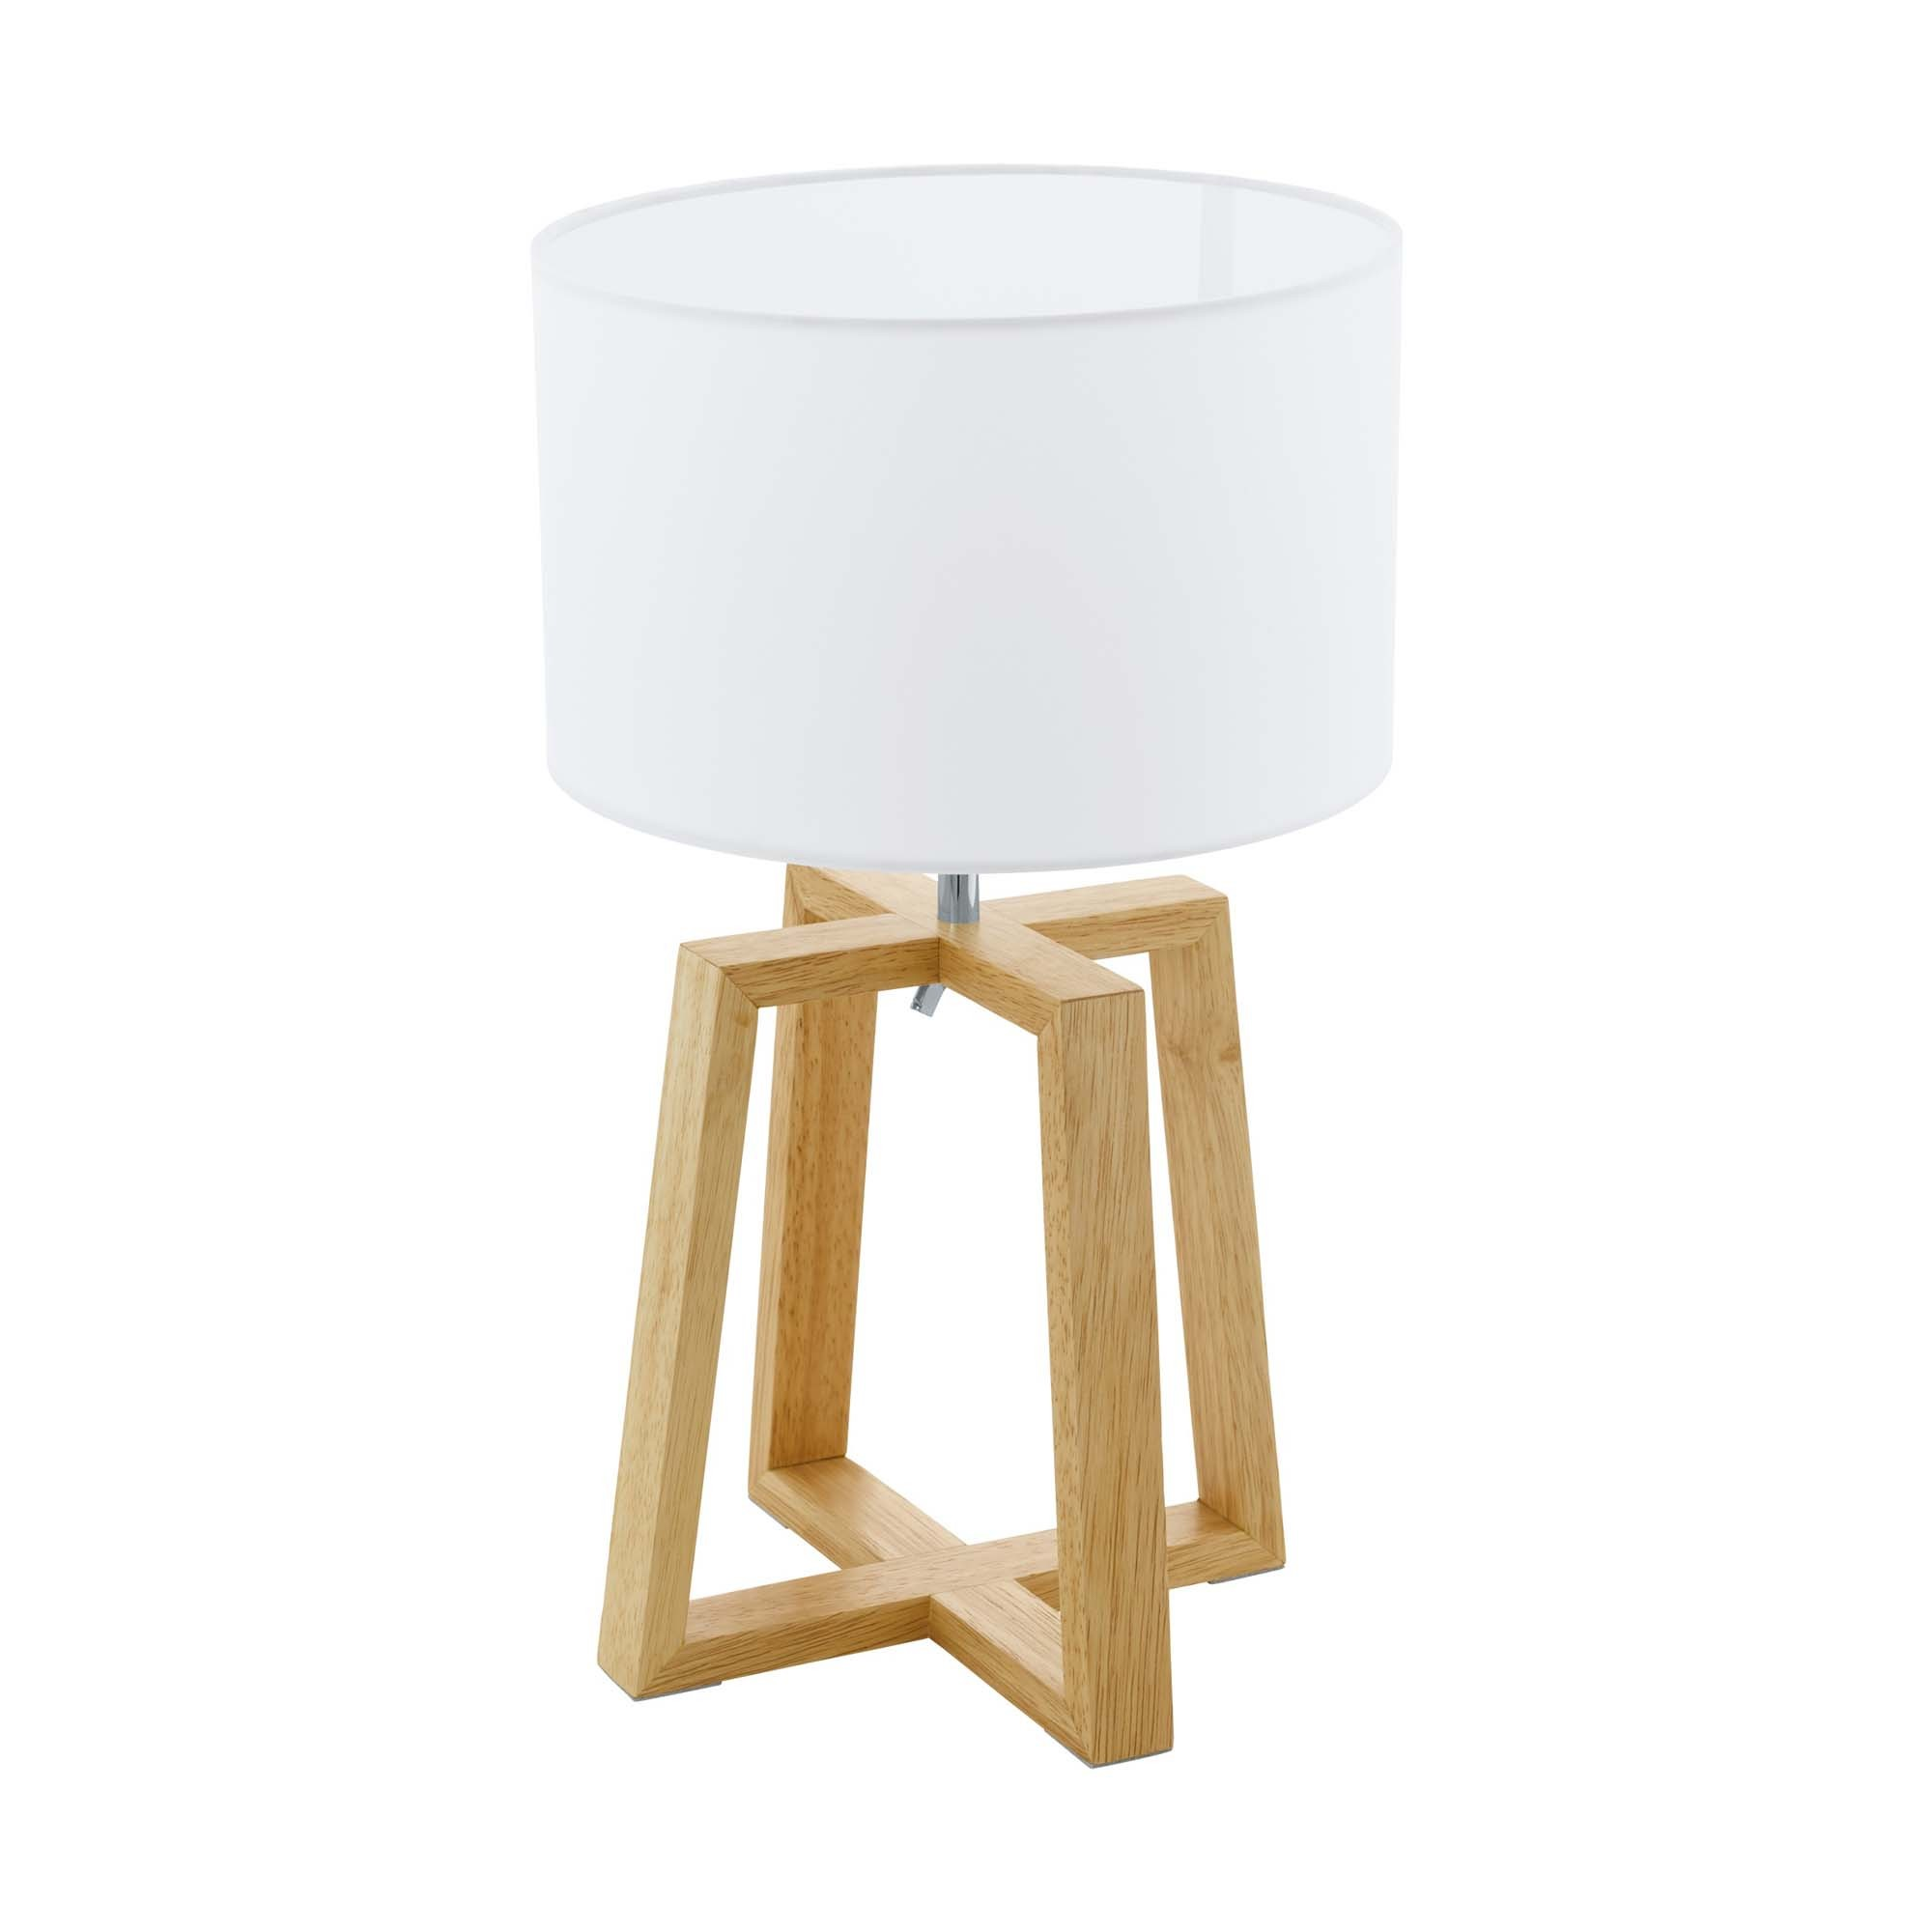 60/W Legno Chiaro//Bianco metallo//legno//Tessuto 1/x E27/max Moderna lampada da terra in legno con paralume in tessuto